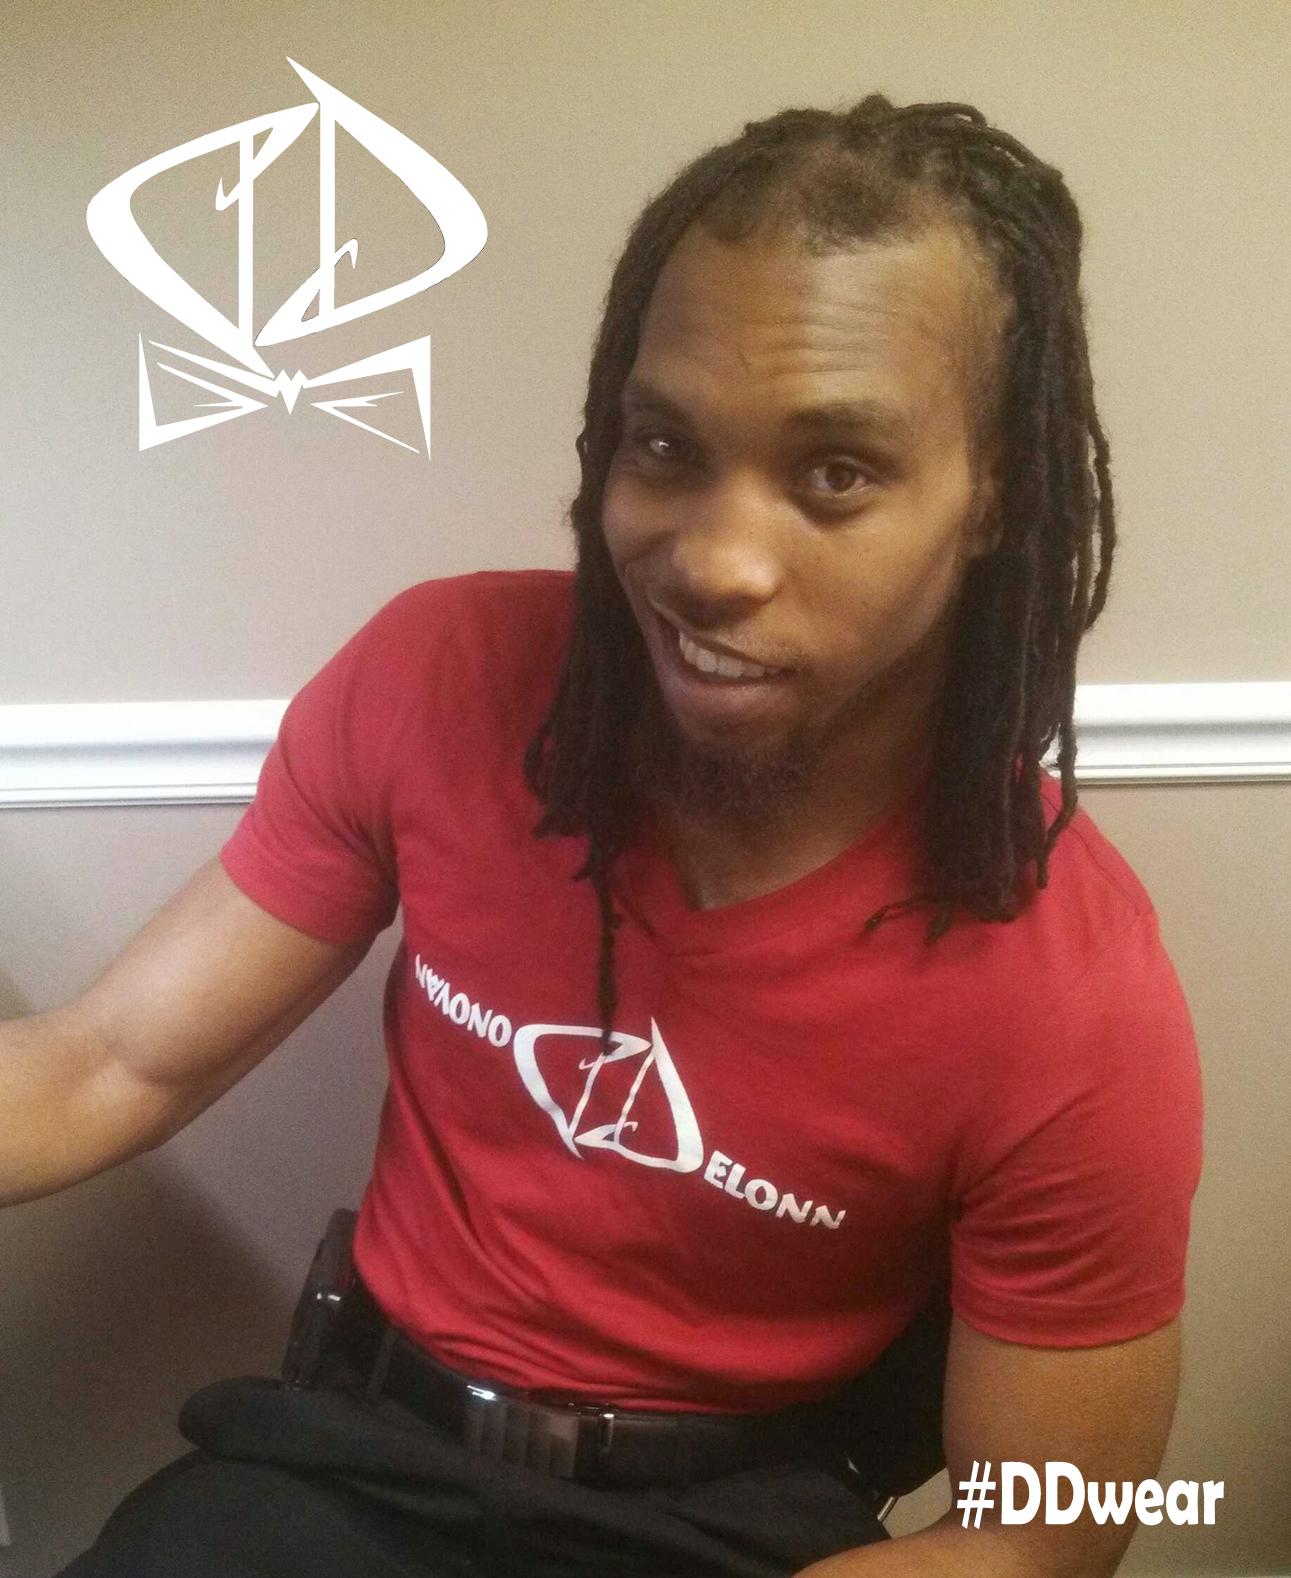 #DDwear Promo Fan Apparel. New Styles, Fine Fashion. #ss15 Redefined Style. @DeLonnDonovan featuring DDstyle. menswearandmore.com/ddwear